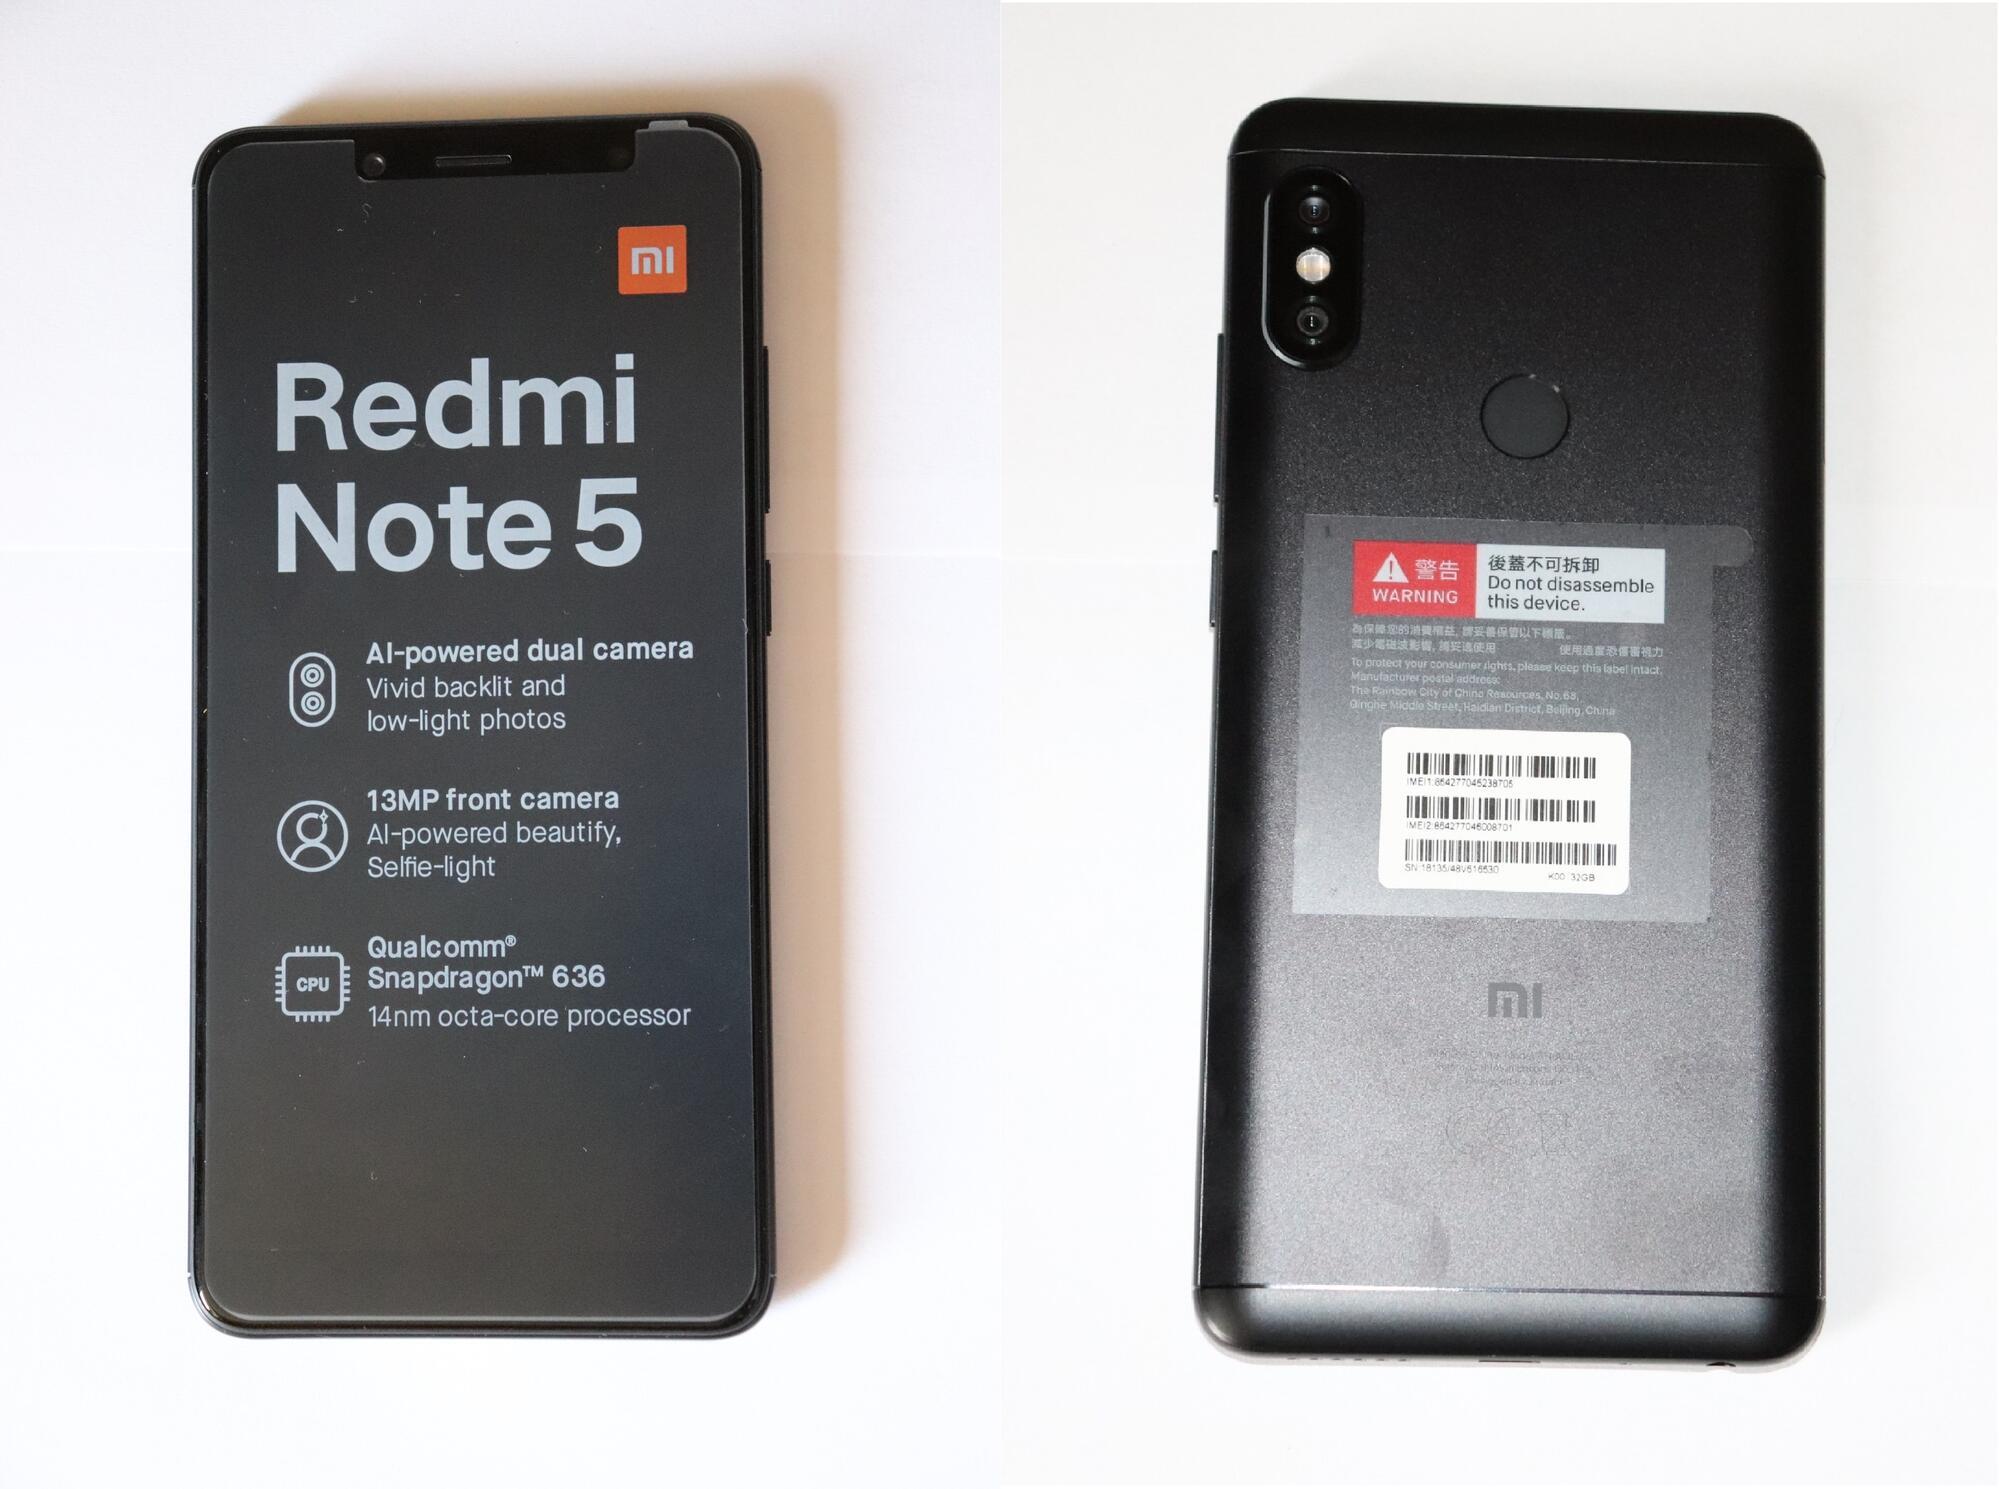 Smartfony i aksessuary - Opyt vladeniya Xiaomi Redmi Note 5